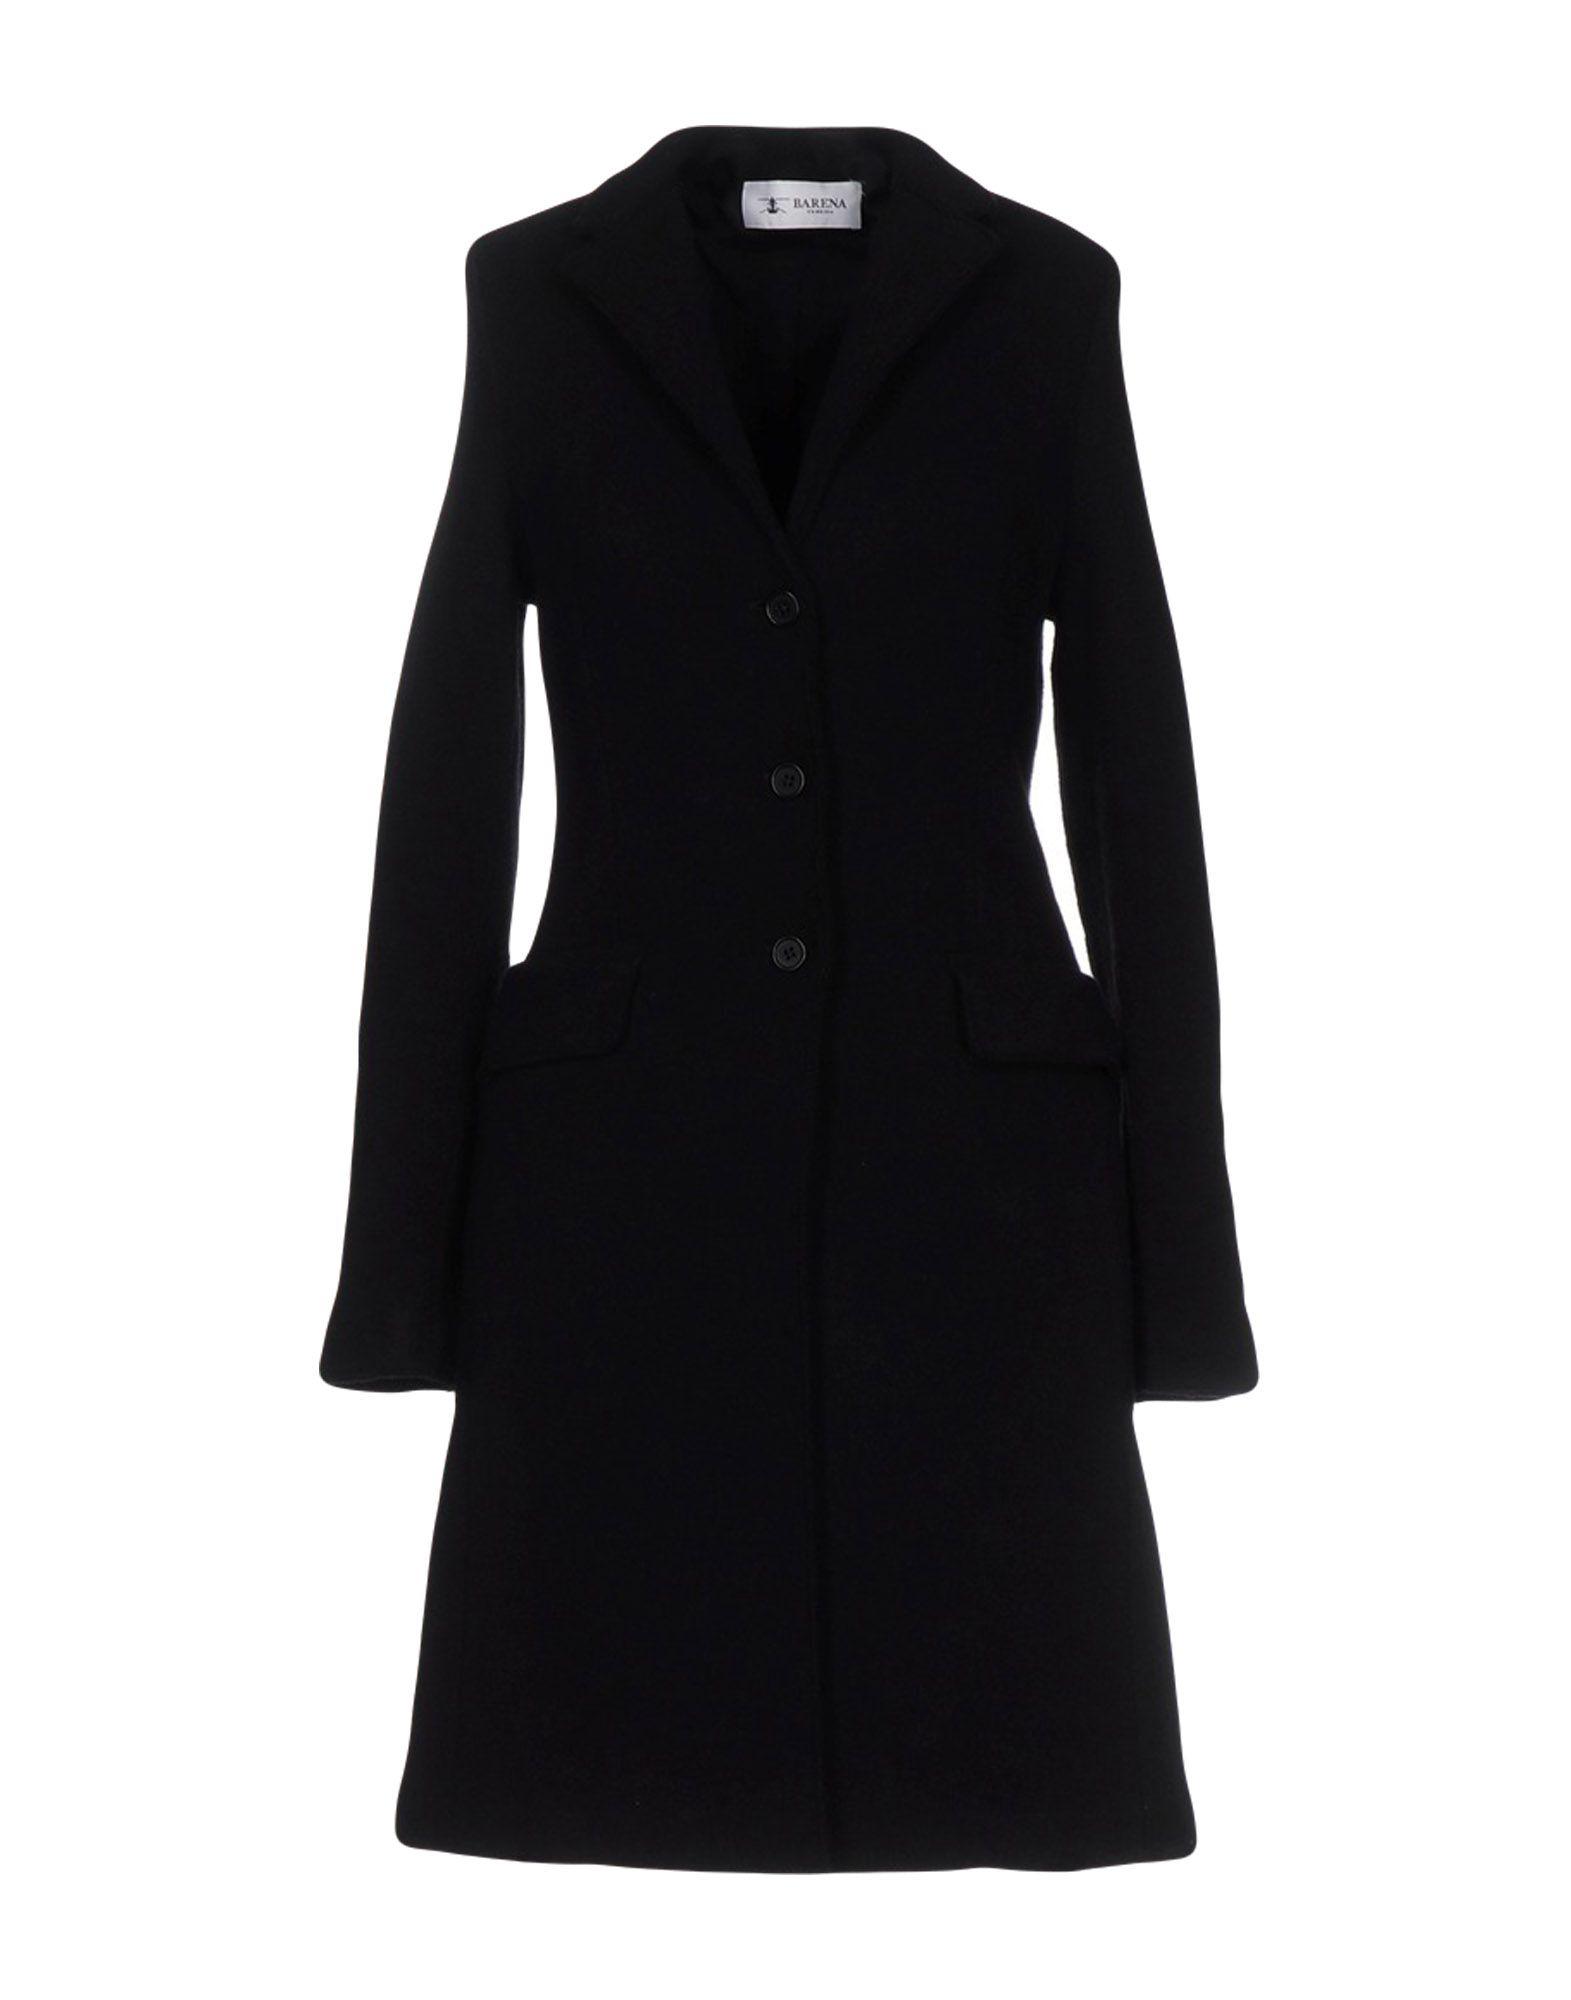 BARENA Damen Lange Jacke Farbe Schwarz Größe 5 jetztbilligerkaufen